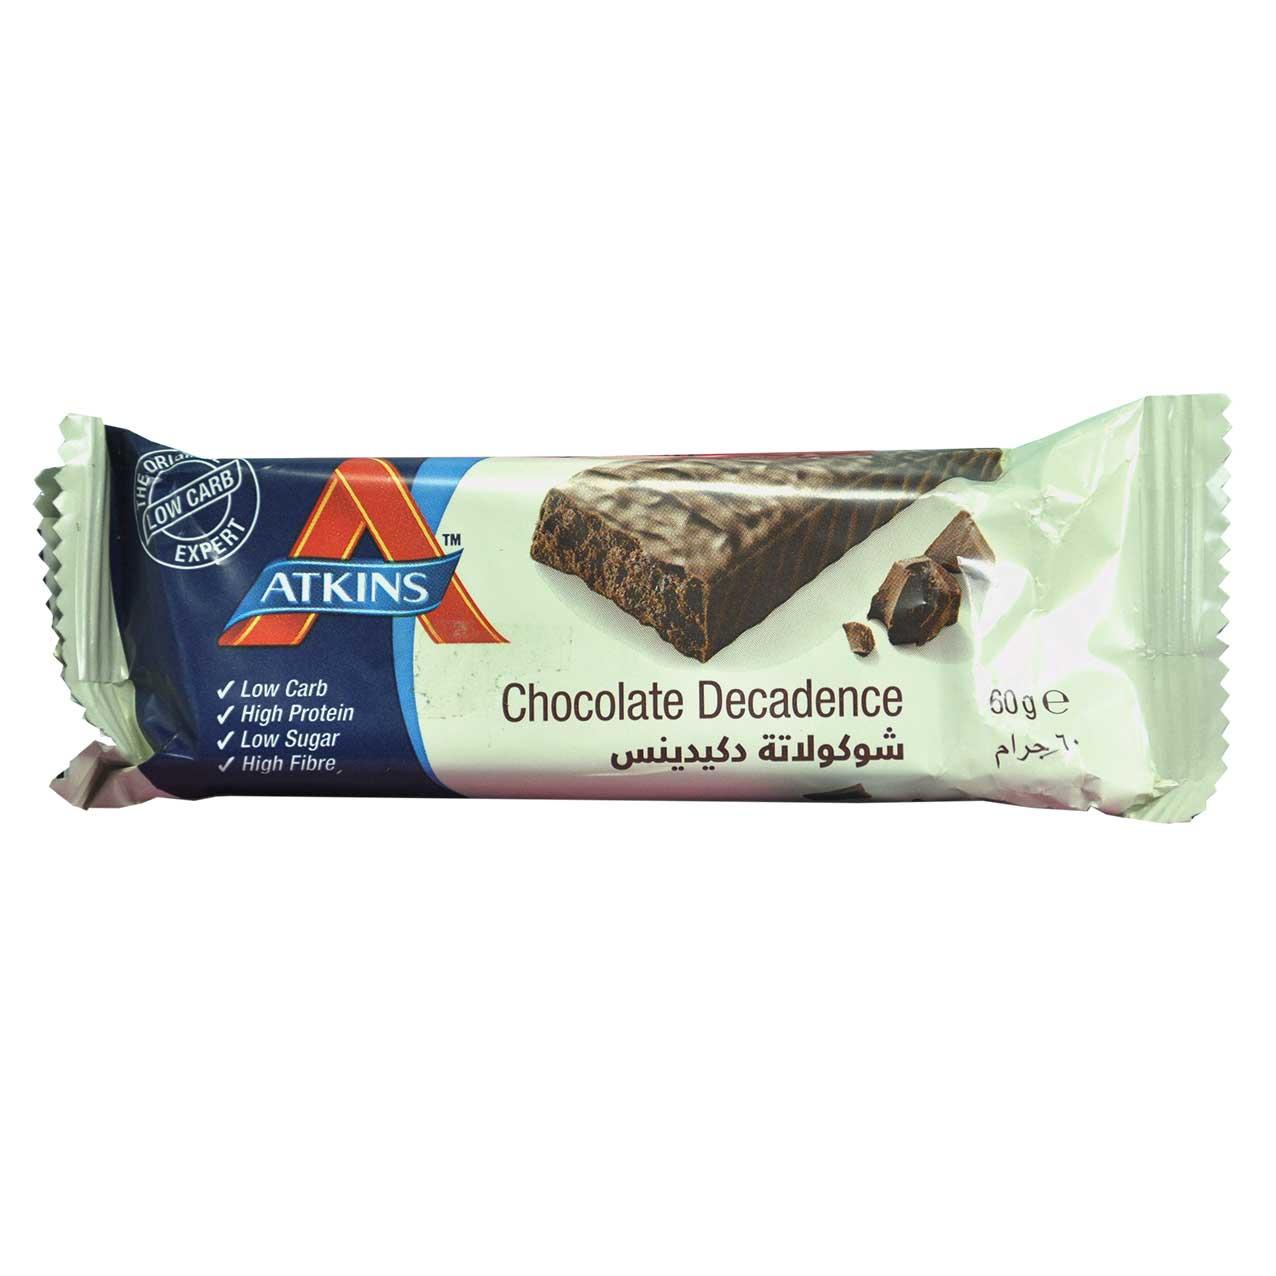 شکلات بار خالص ۶۰ گرم اتکینز – atkins